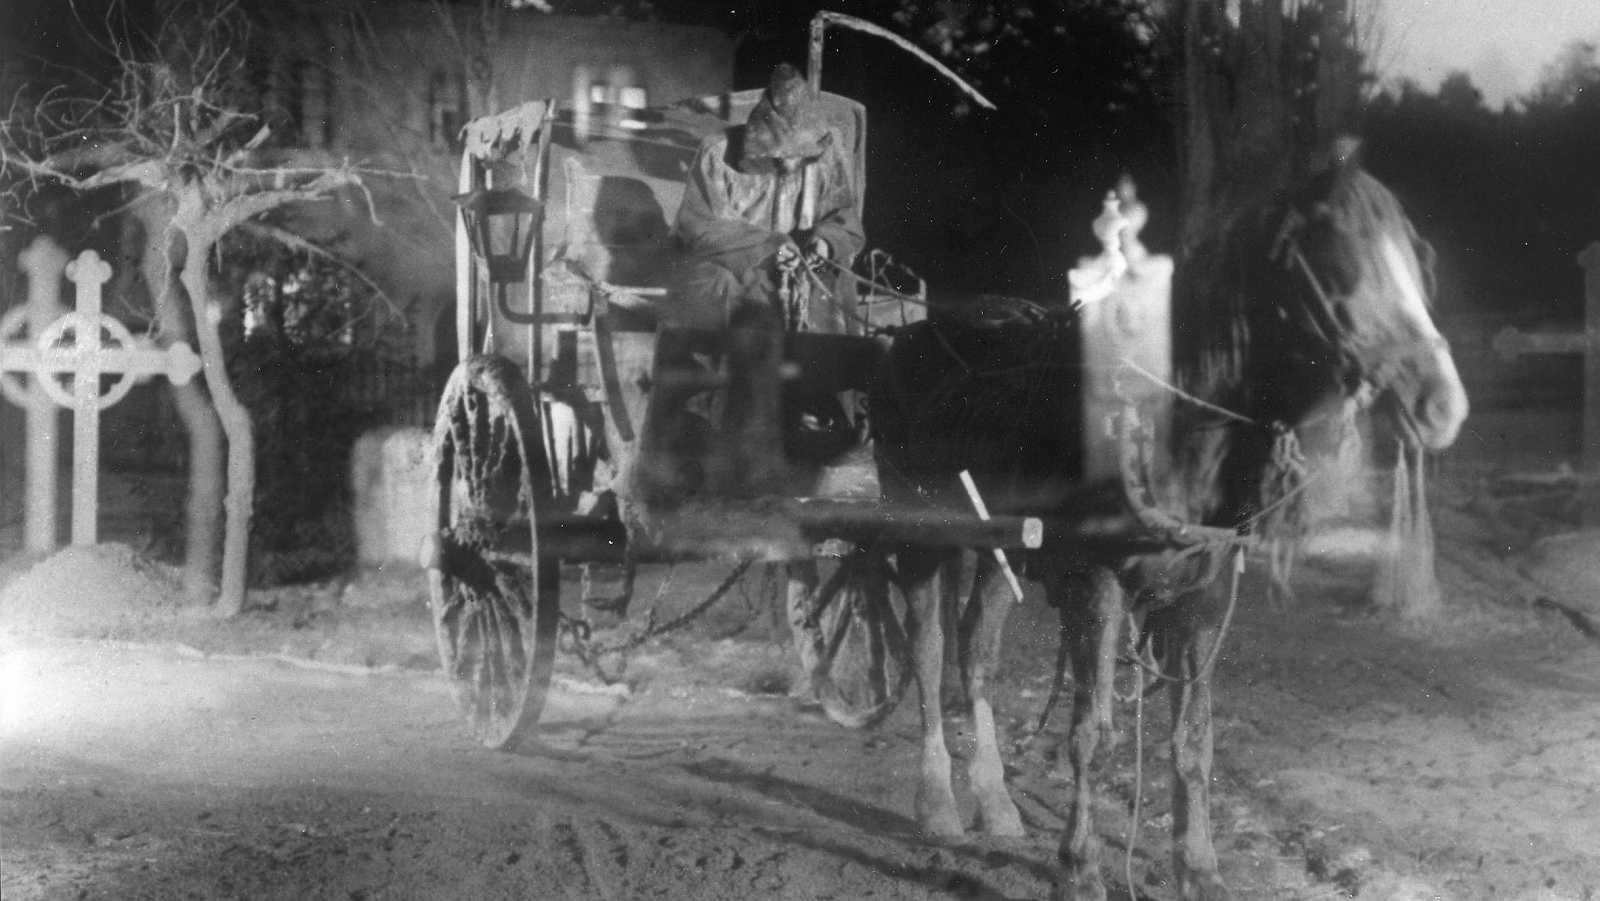 Centenario de 'La carreta fantasma' (1921-2021)